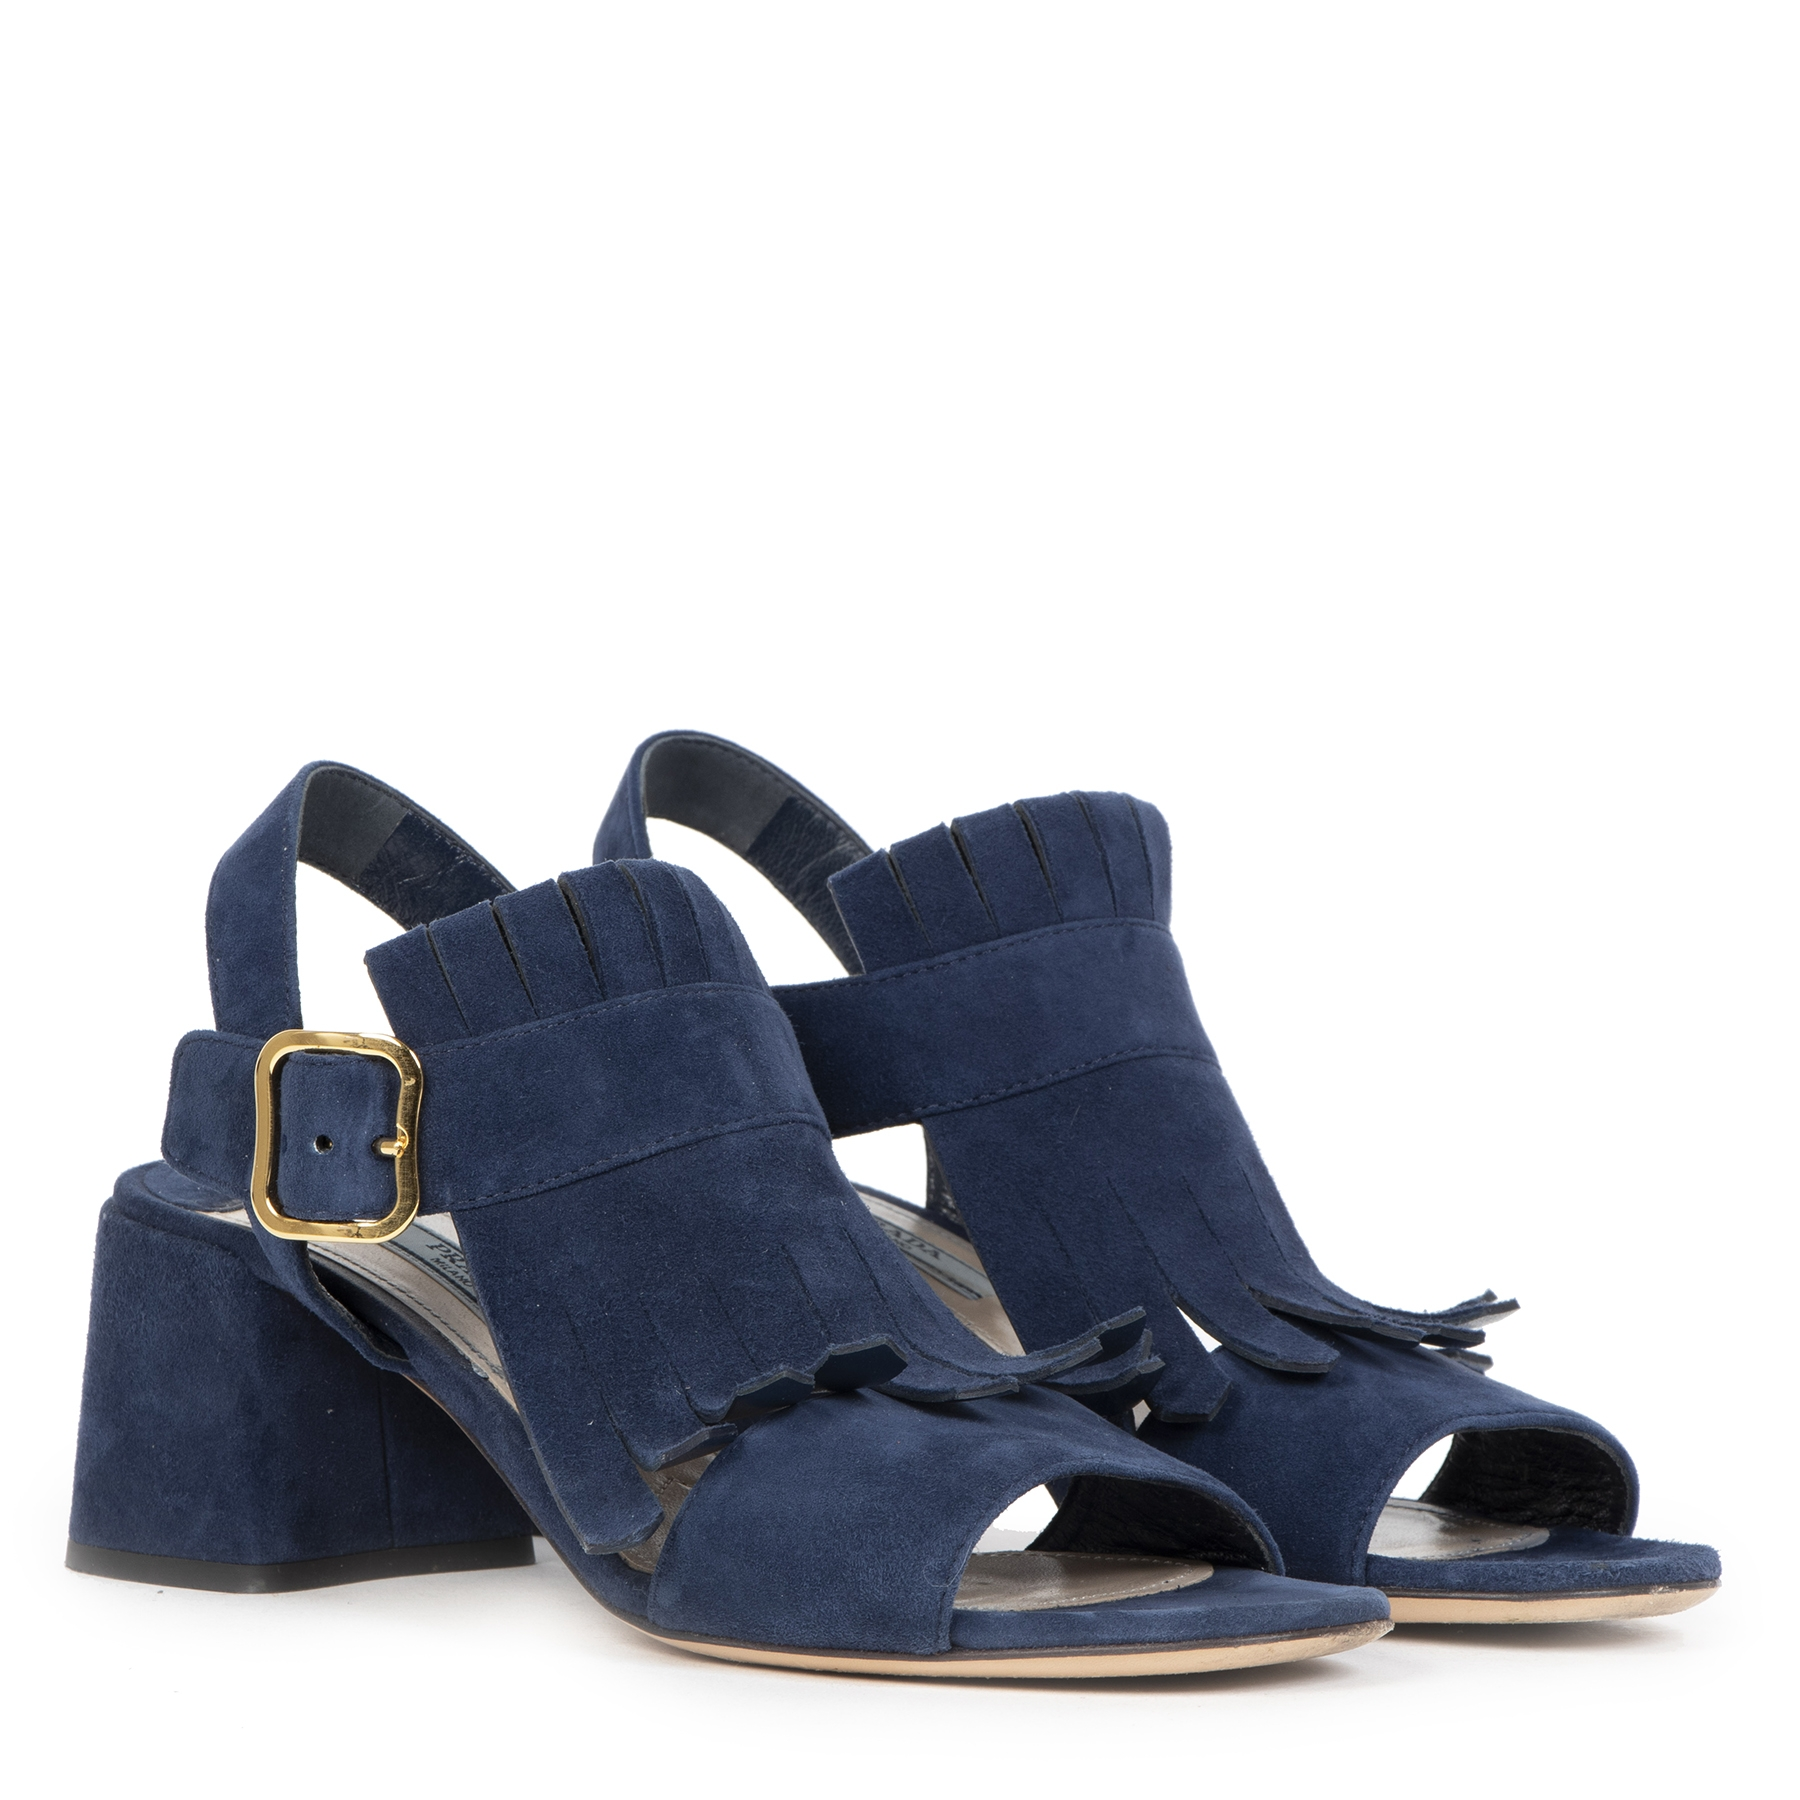 Authentieke Tweedehands Prada Navy Suede Fringe Heeled Sandal - Size 37,5 juiste prijs veilig online shoppen luxe merken webshop winkelen Antwerpen België mode fashion